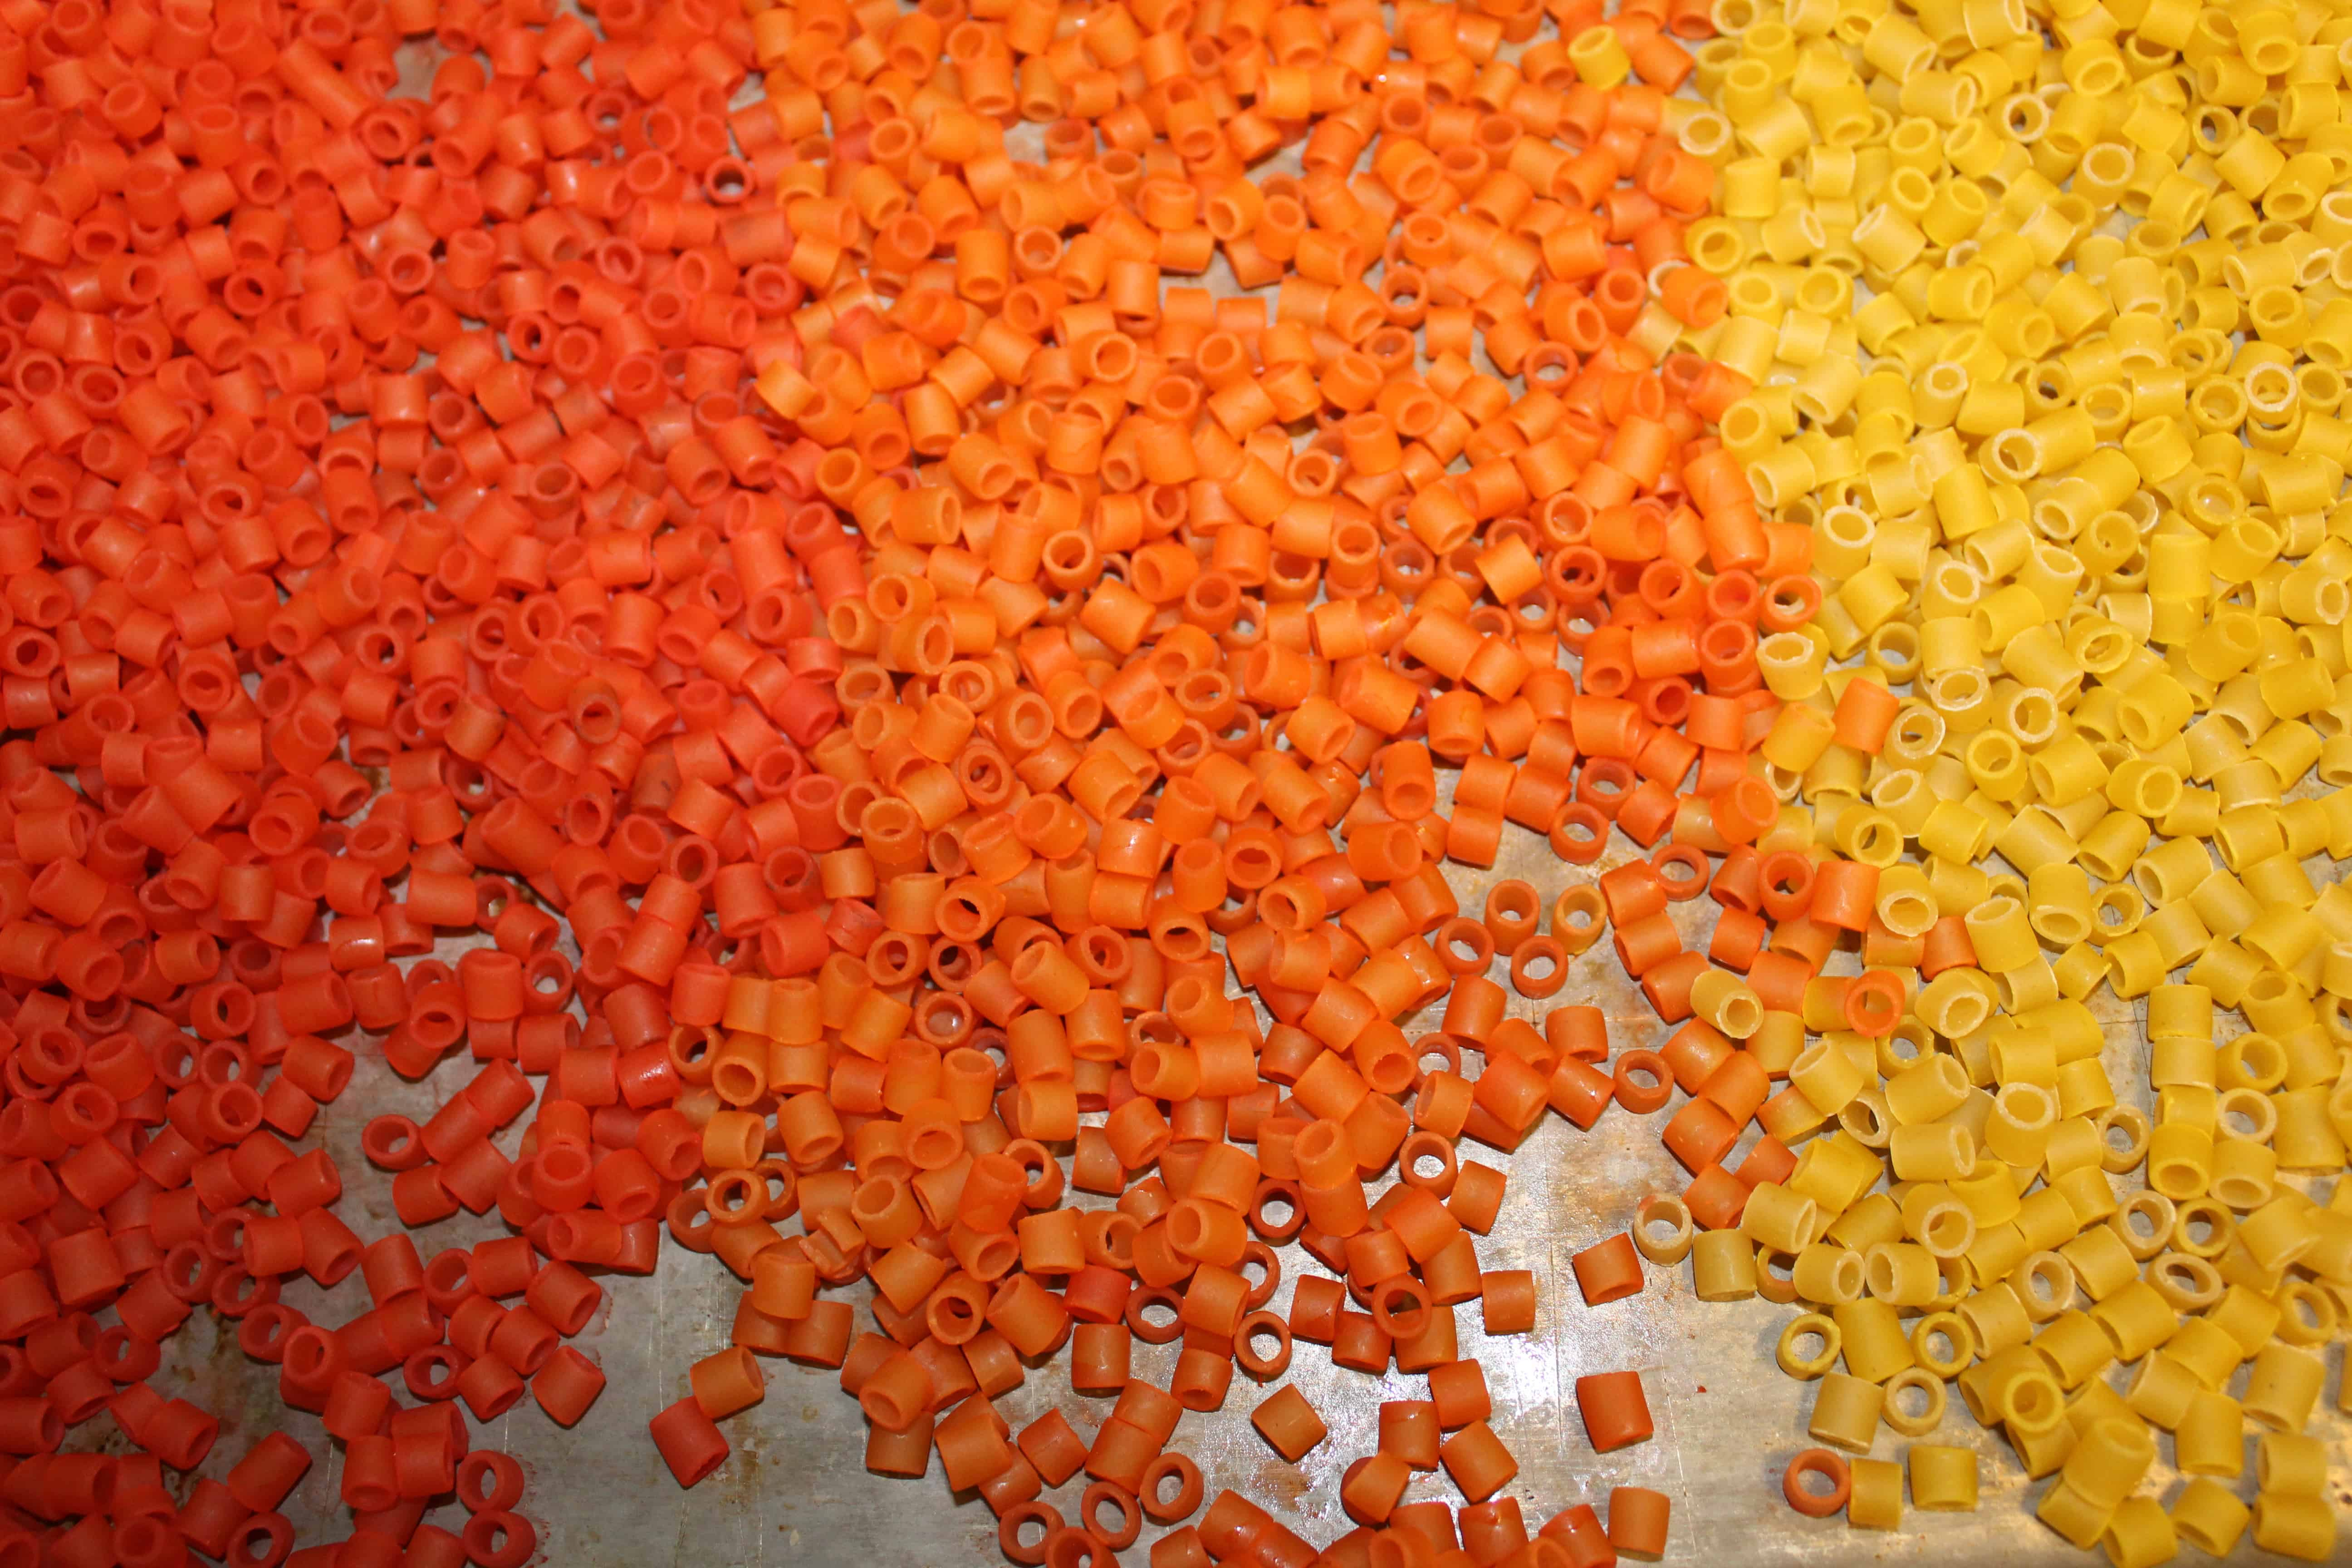 red, orange, yellow dyed pasta beads